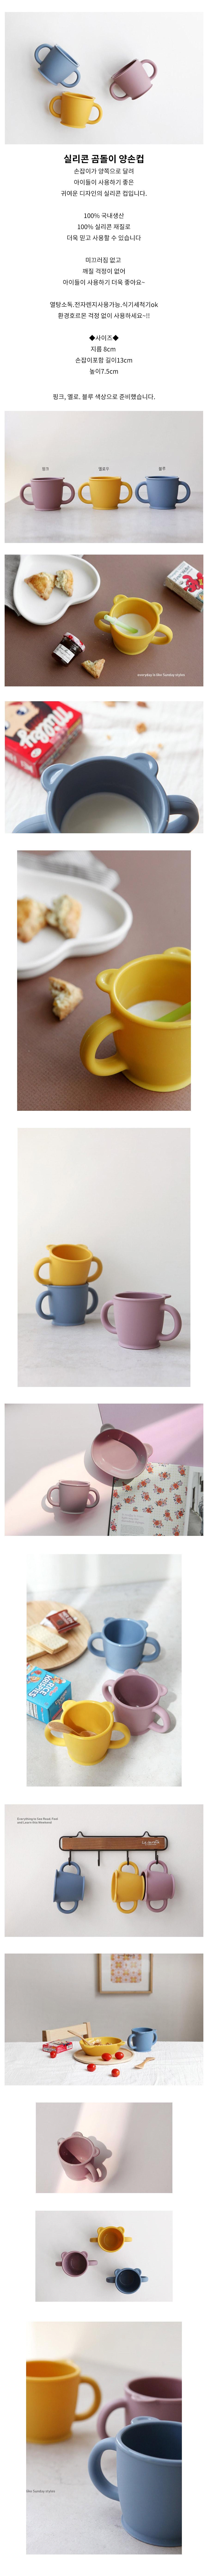 양손잡이 실리콘 아기물컵 - 비다하우스, 6,300원, 머그컵, 심플머그